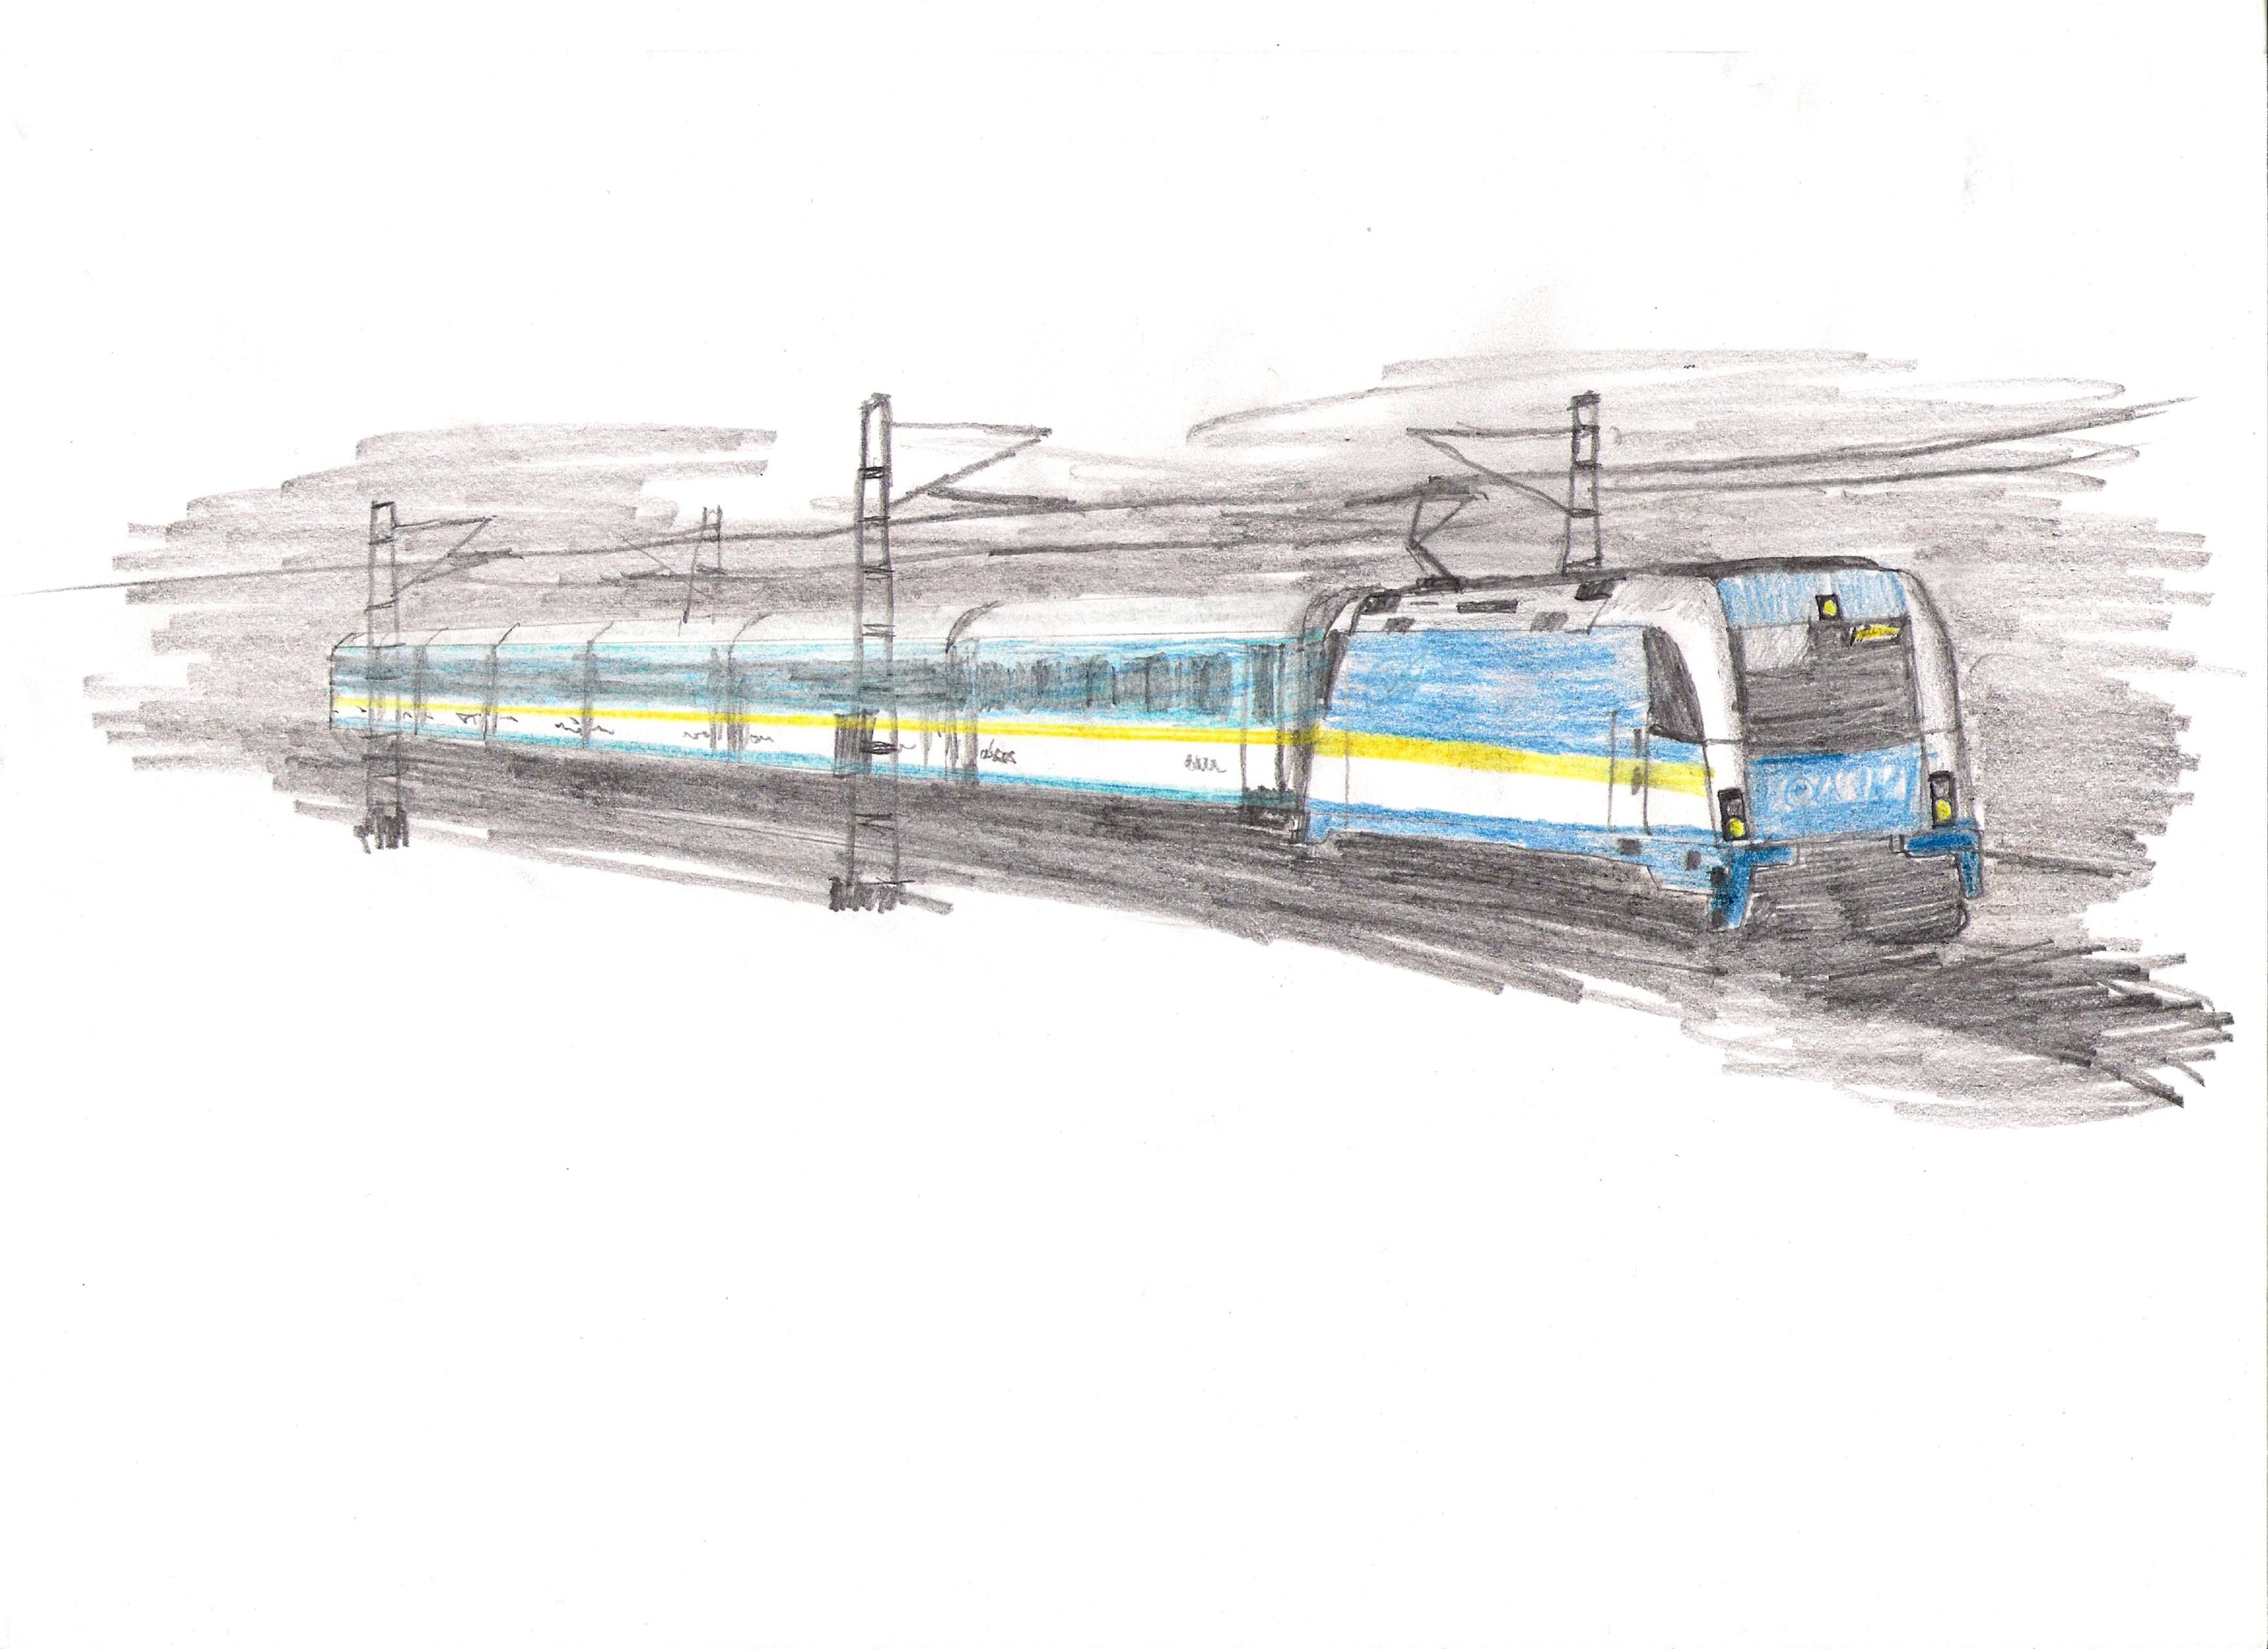 Farbige Zeichnung von einem ALEX Zug